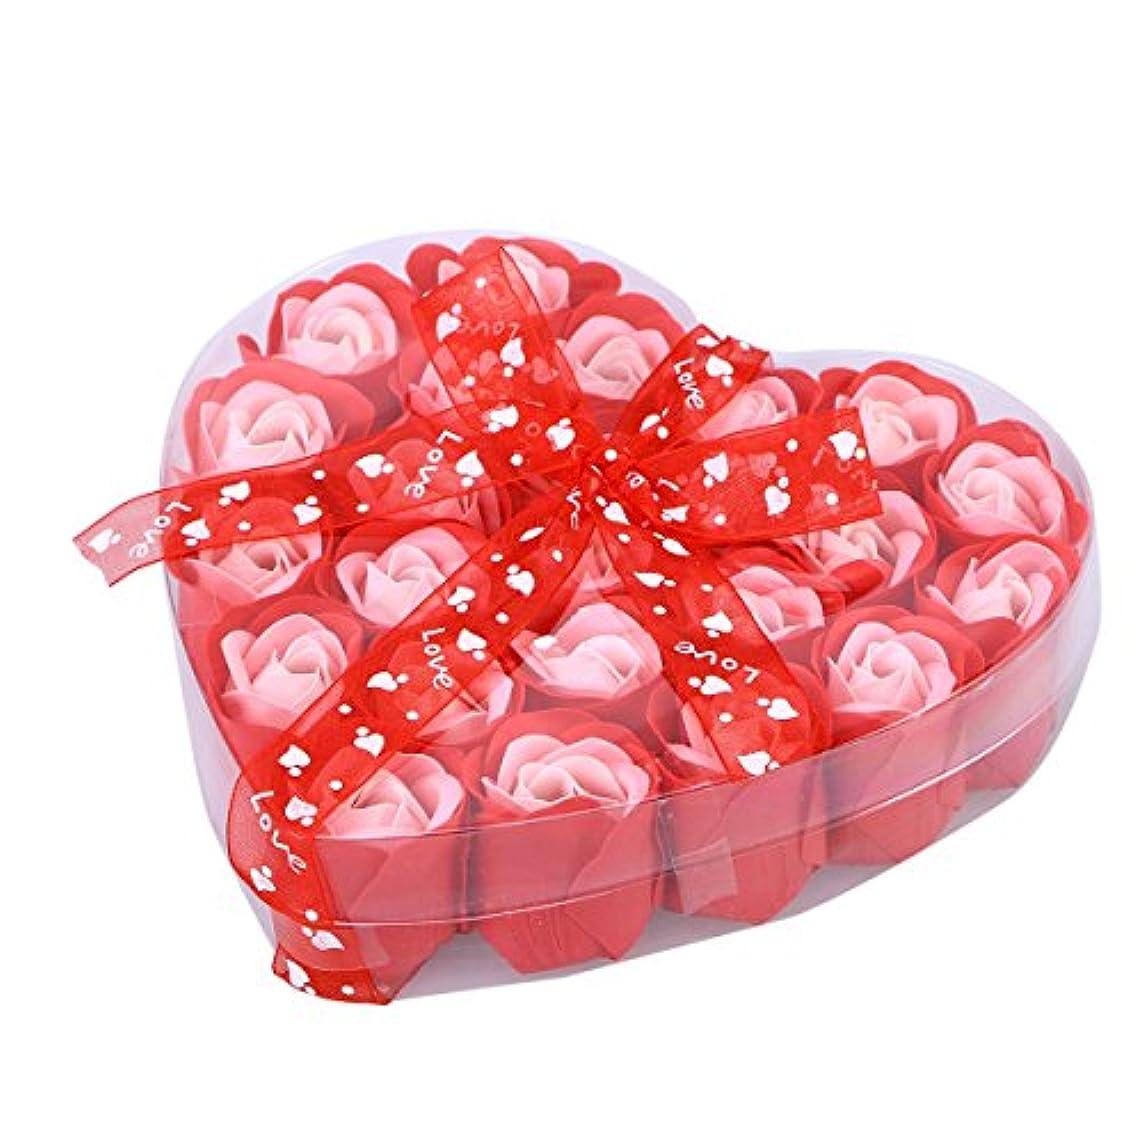 社会主義がっかりしたつぶやきHealifty バレンタインデーのハートボックスに香りの石鹸バラの花びら(ランダムリボン)24個